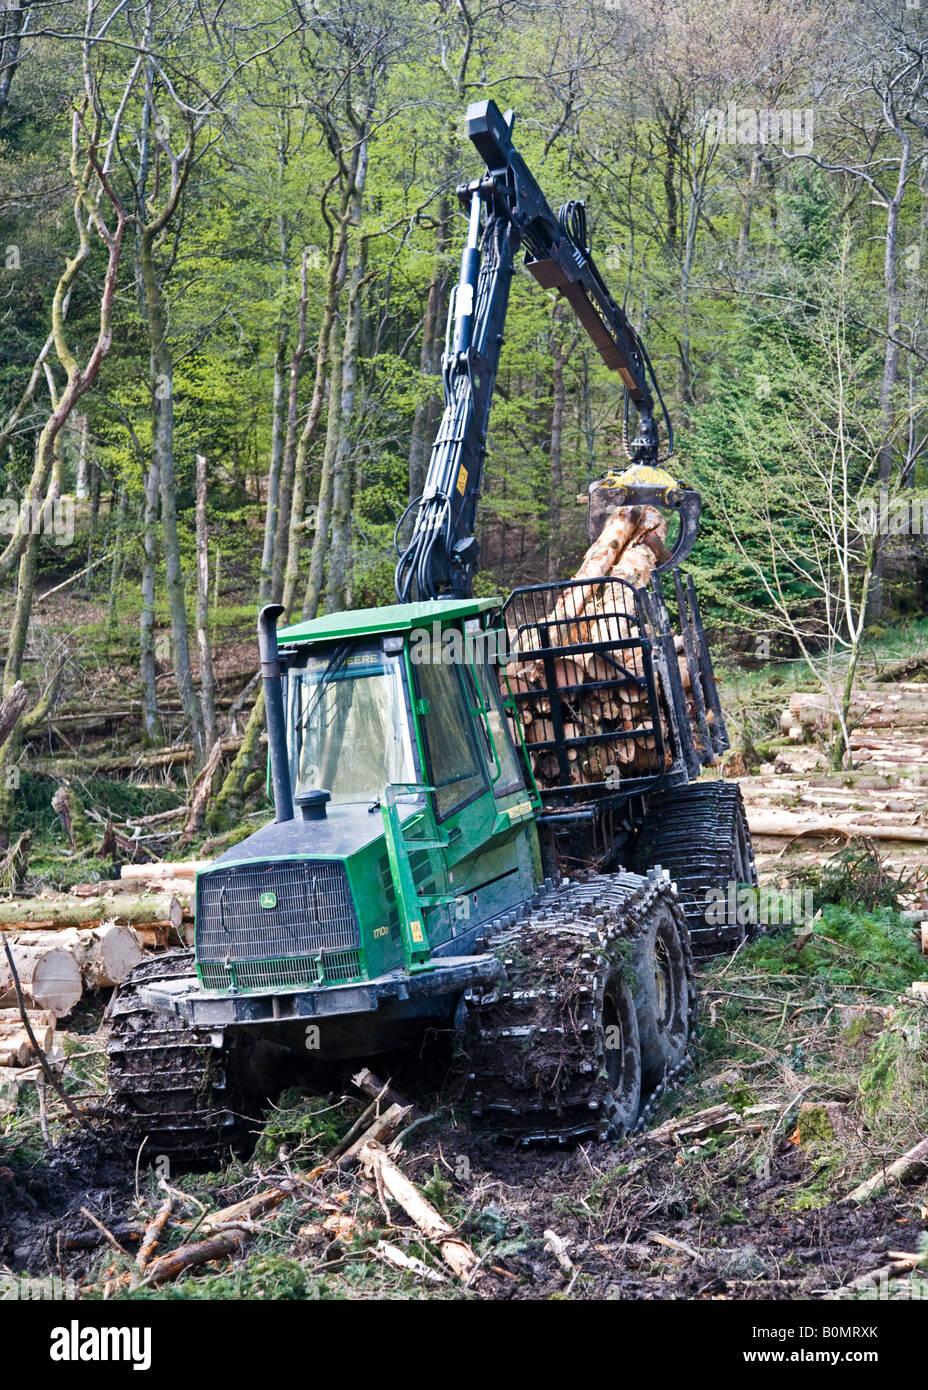 Timberjack fotos timberjack imagens de stock alamy a john deere 1710d timberjack forwarder no trabalho coleta de logs em uma floresta esccia imagens fandeluxe Gallery